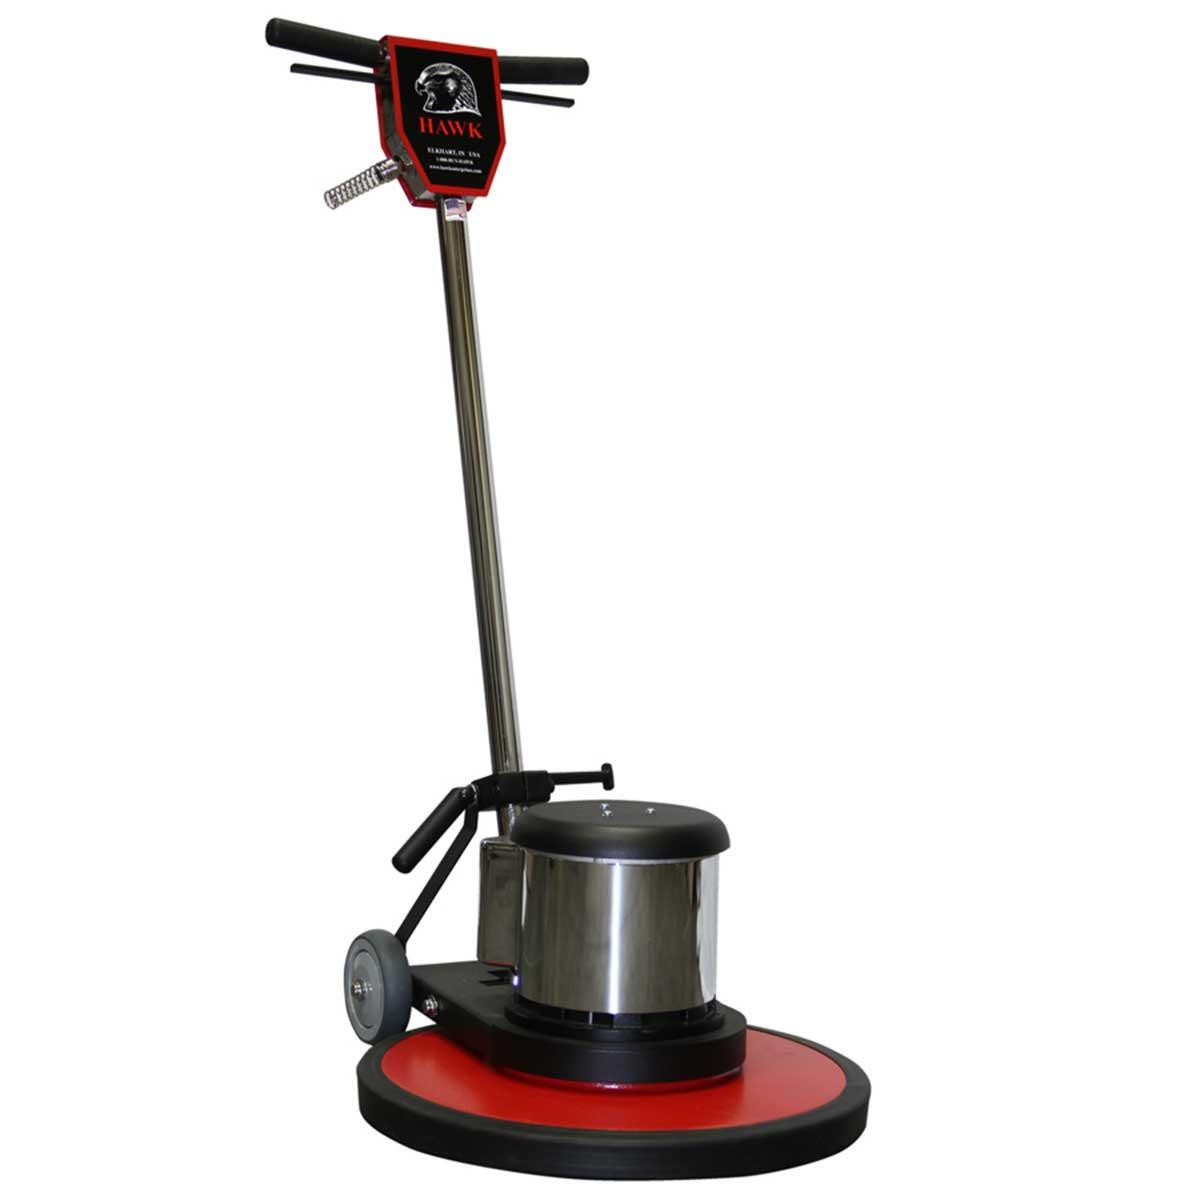 20in hawk 1-1/2 hp standard floor machines